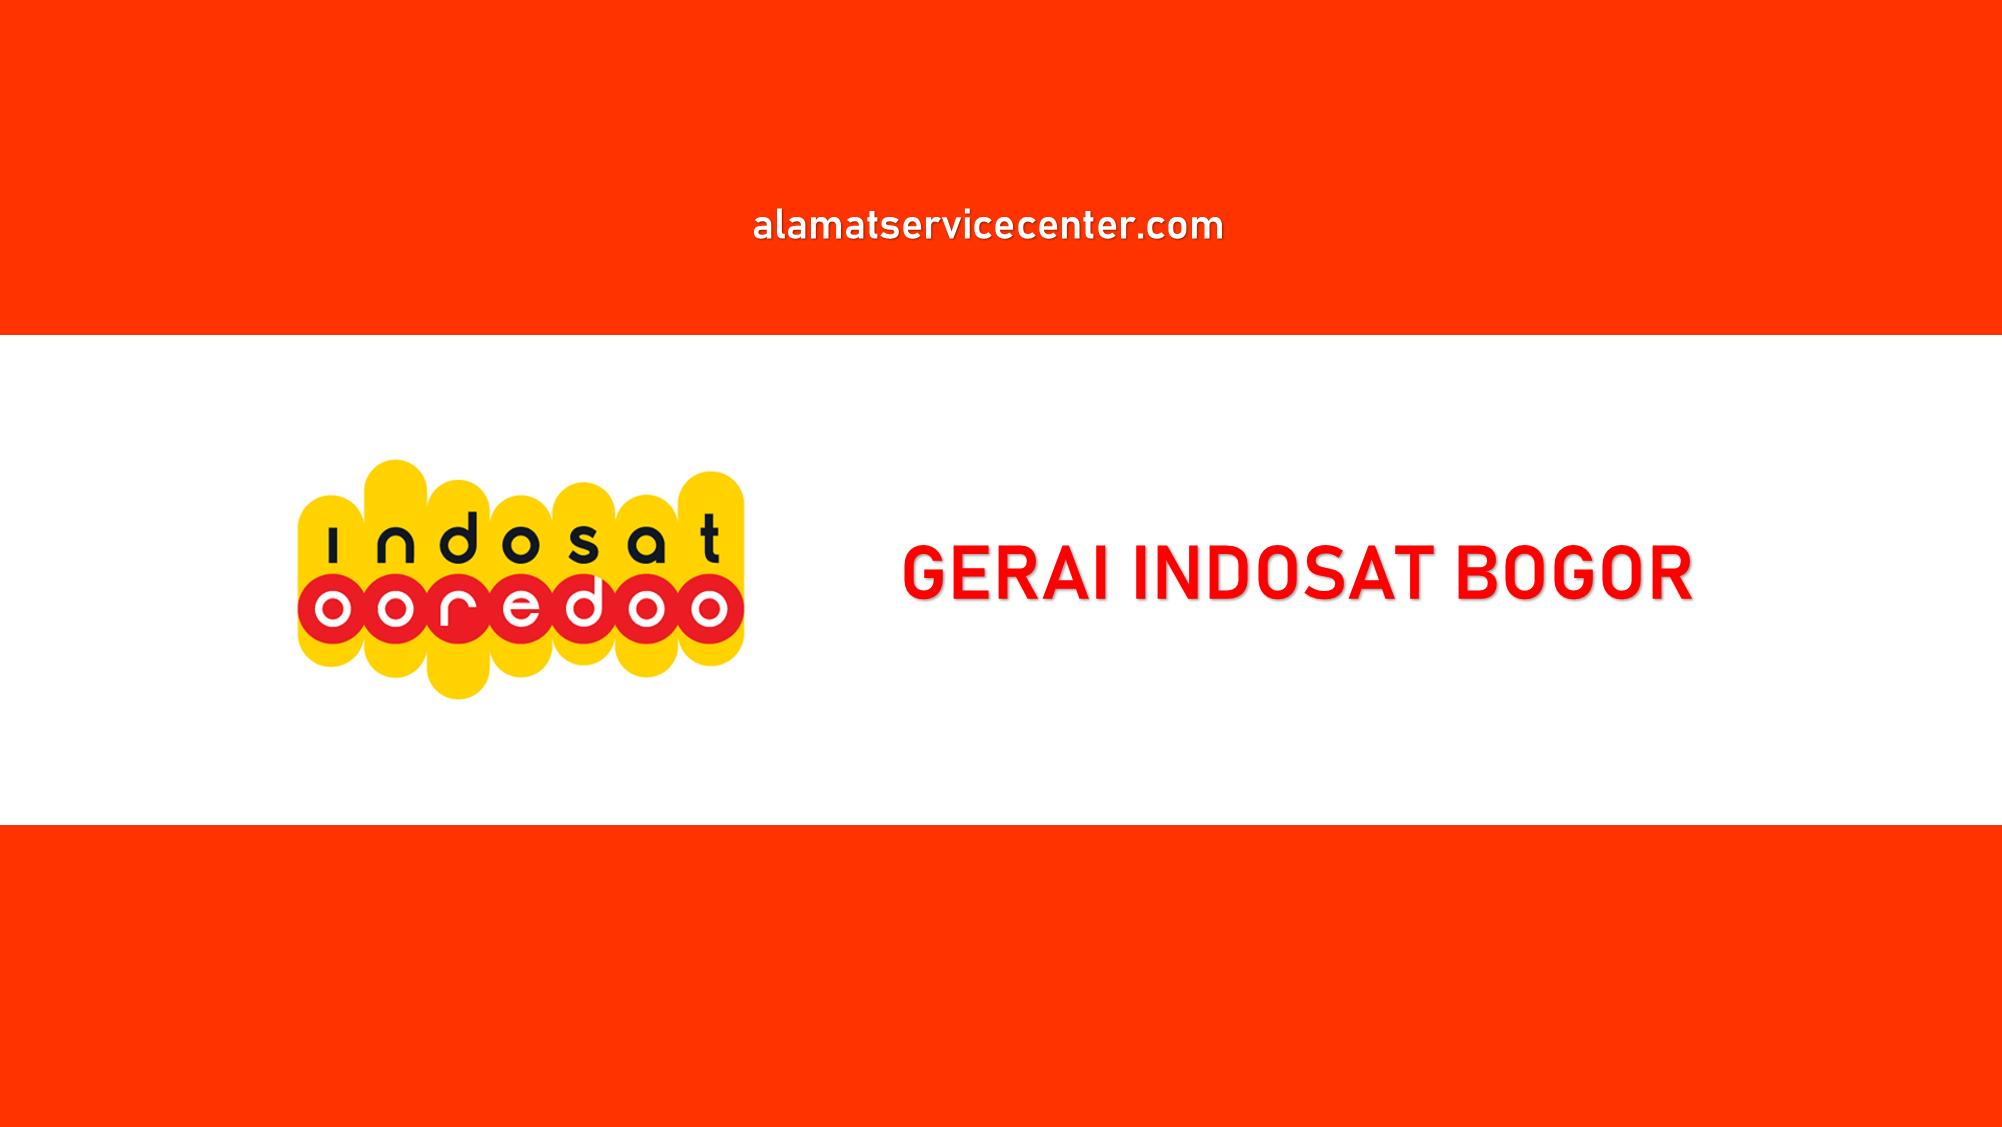 Gerai Indosat Bogor